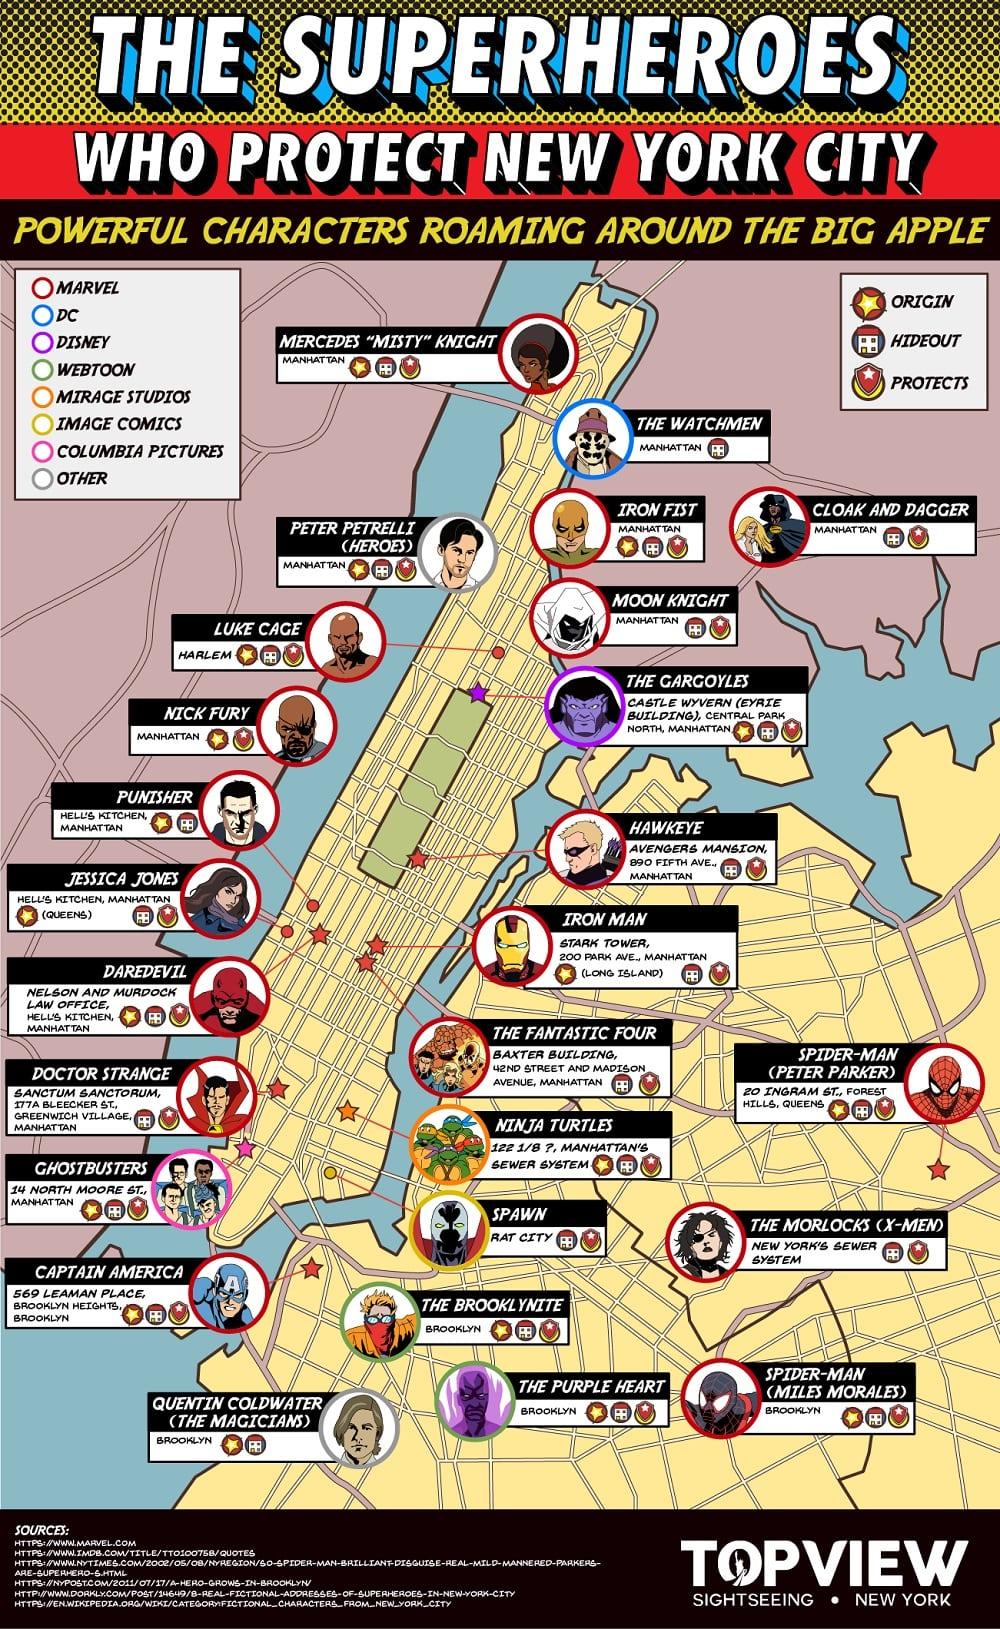 Ilustração do mapa de Nova York com super herois